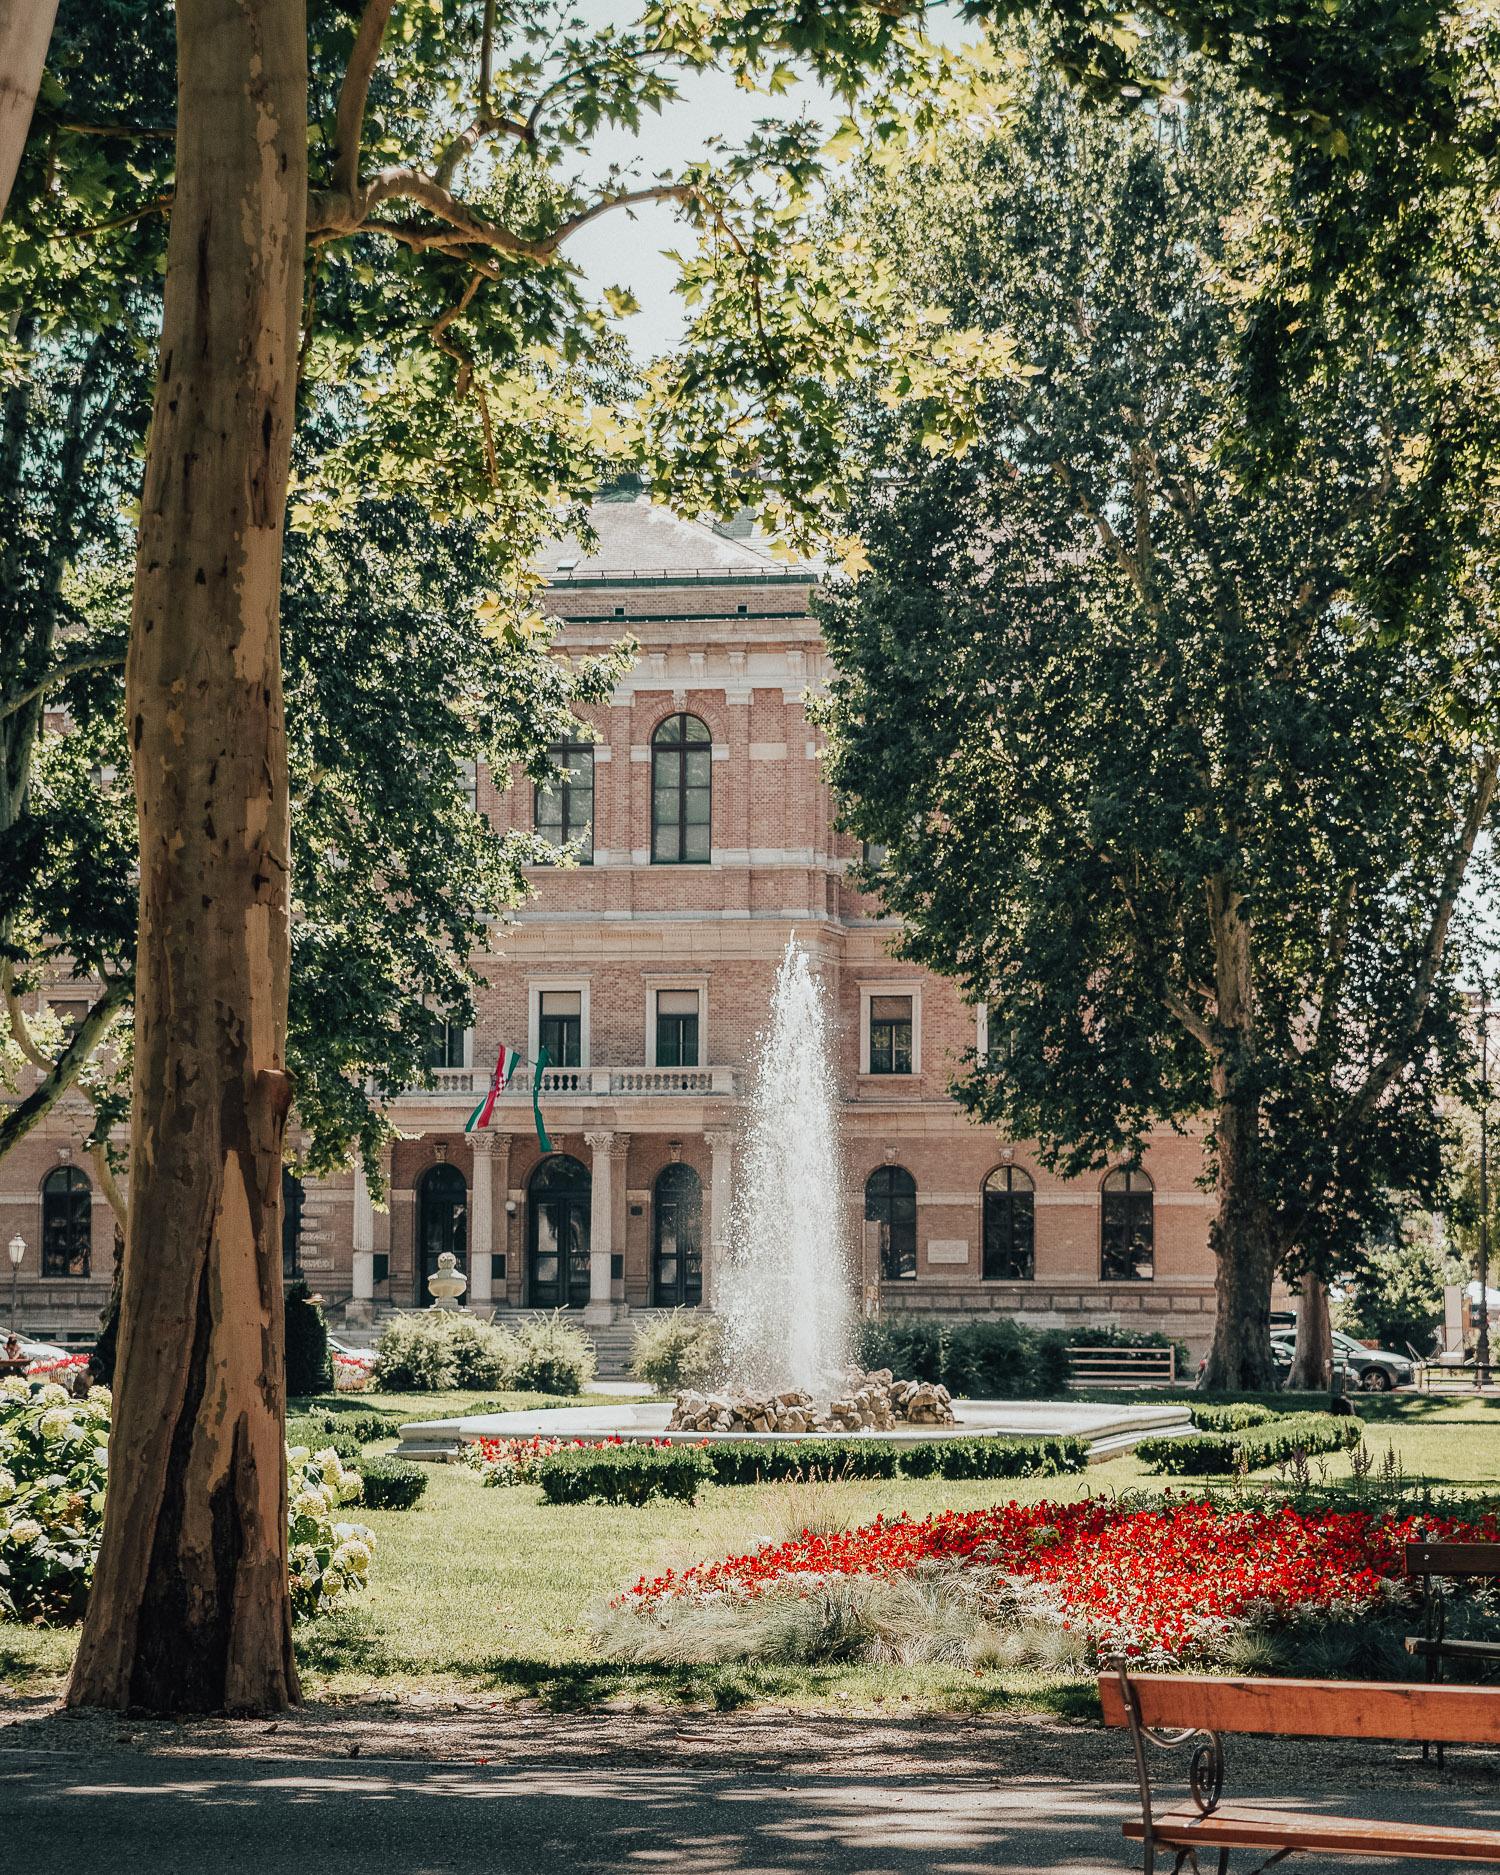 Fountain in Zrinjevac Park, Croatia